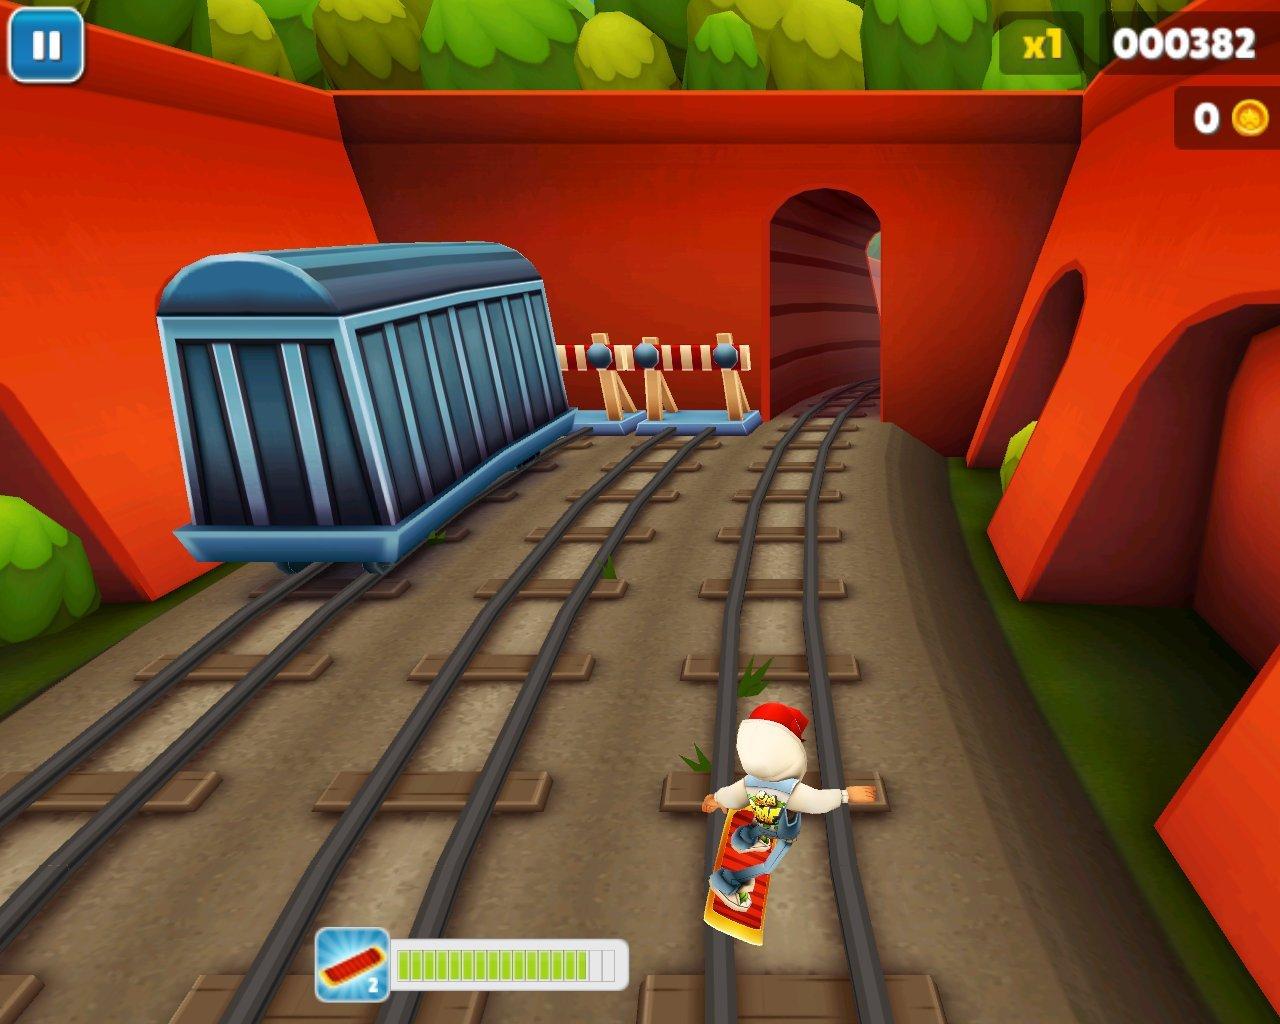 Где скачать и как установить игру subway surfers на пк компьютер.